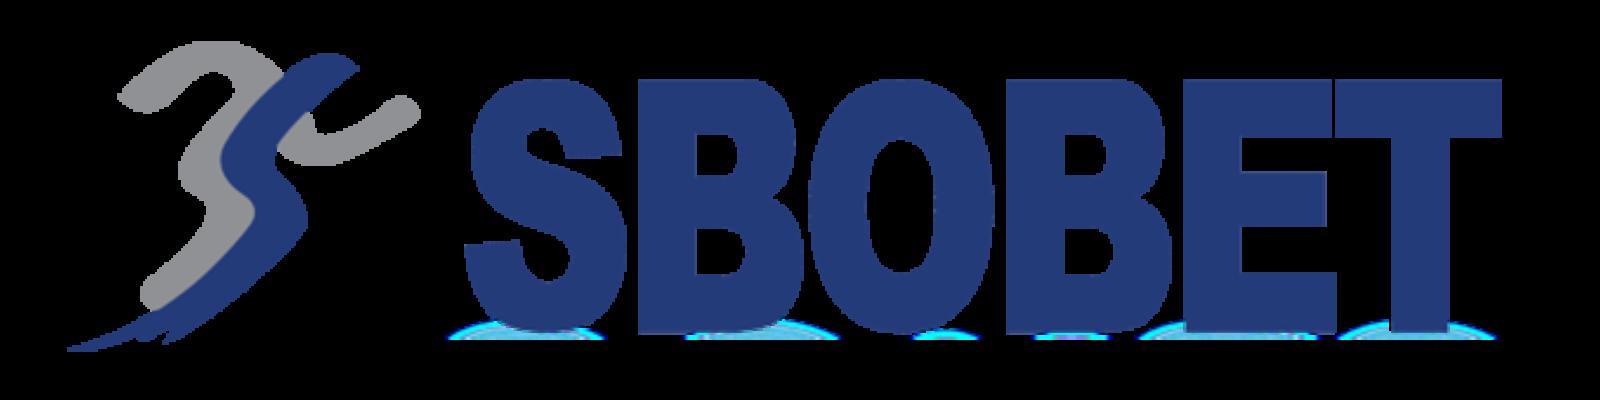 cropped-Sbobet-logo-2-p.png